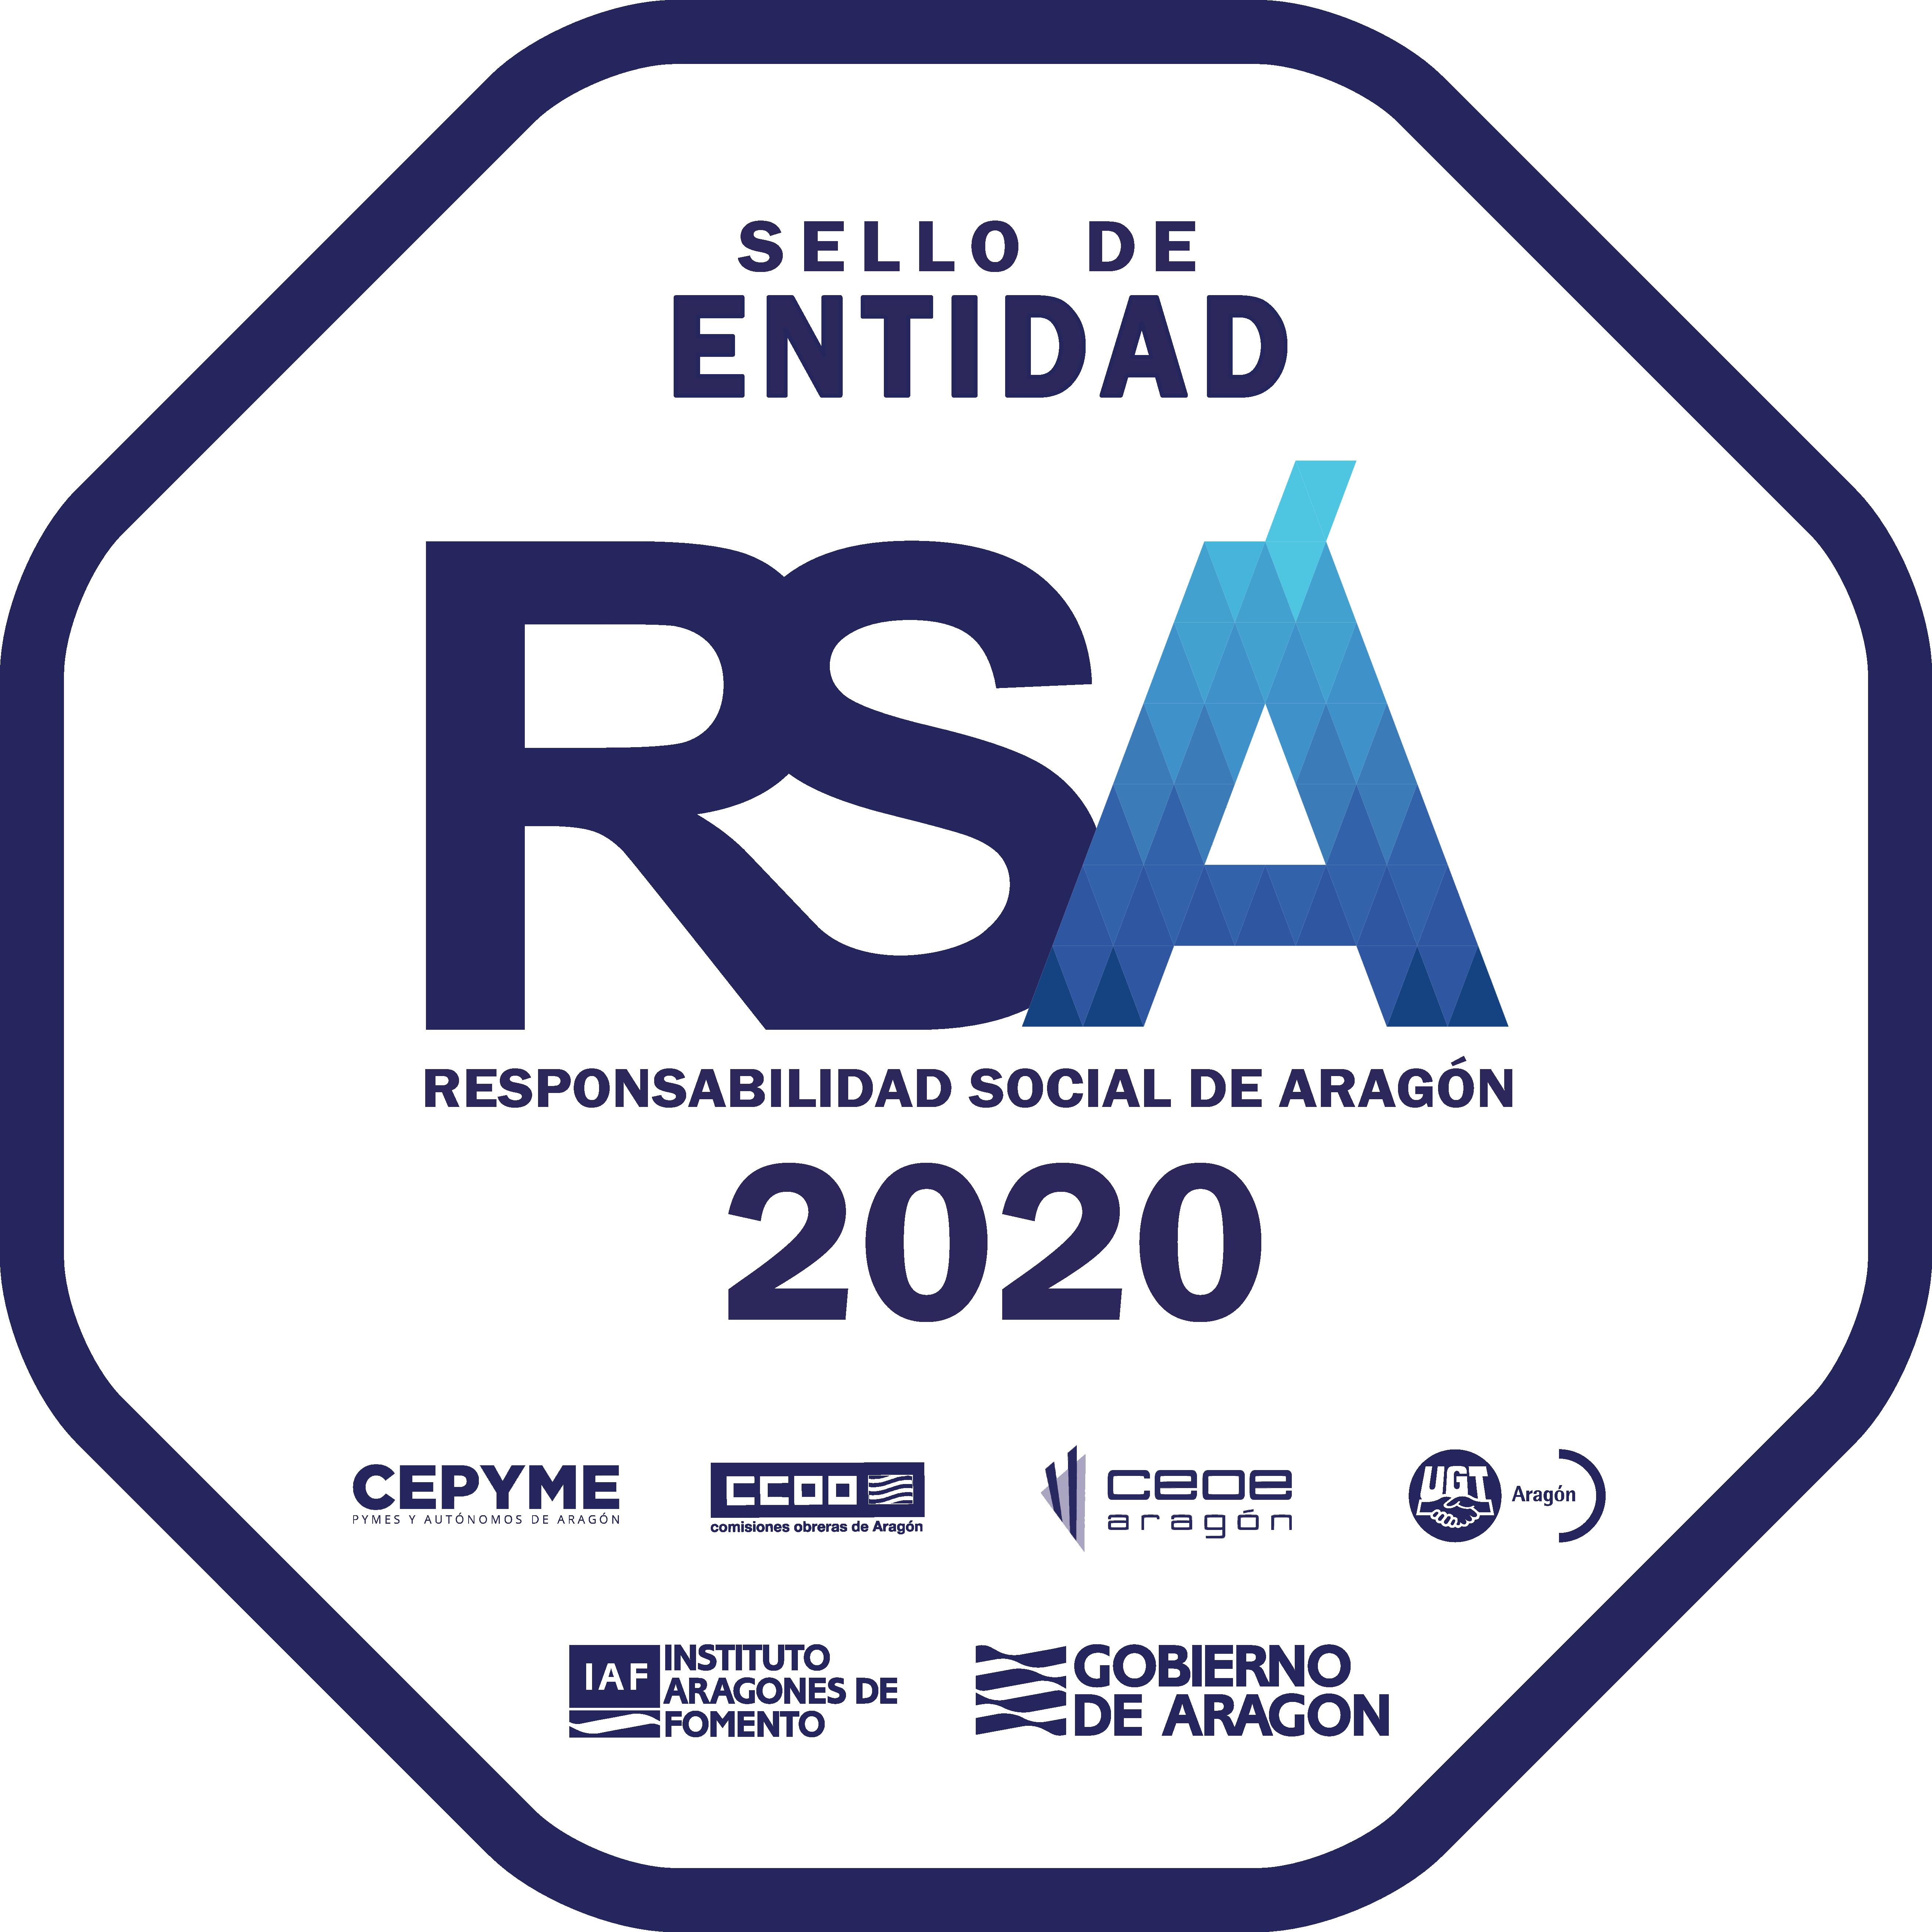 Sello de Responsabilidad Social de Aragón (RSA)